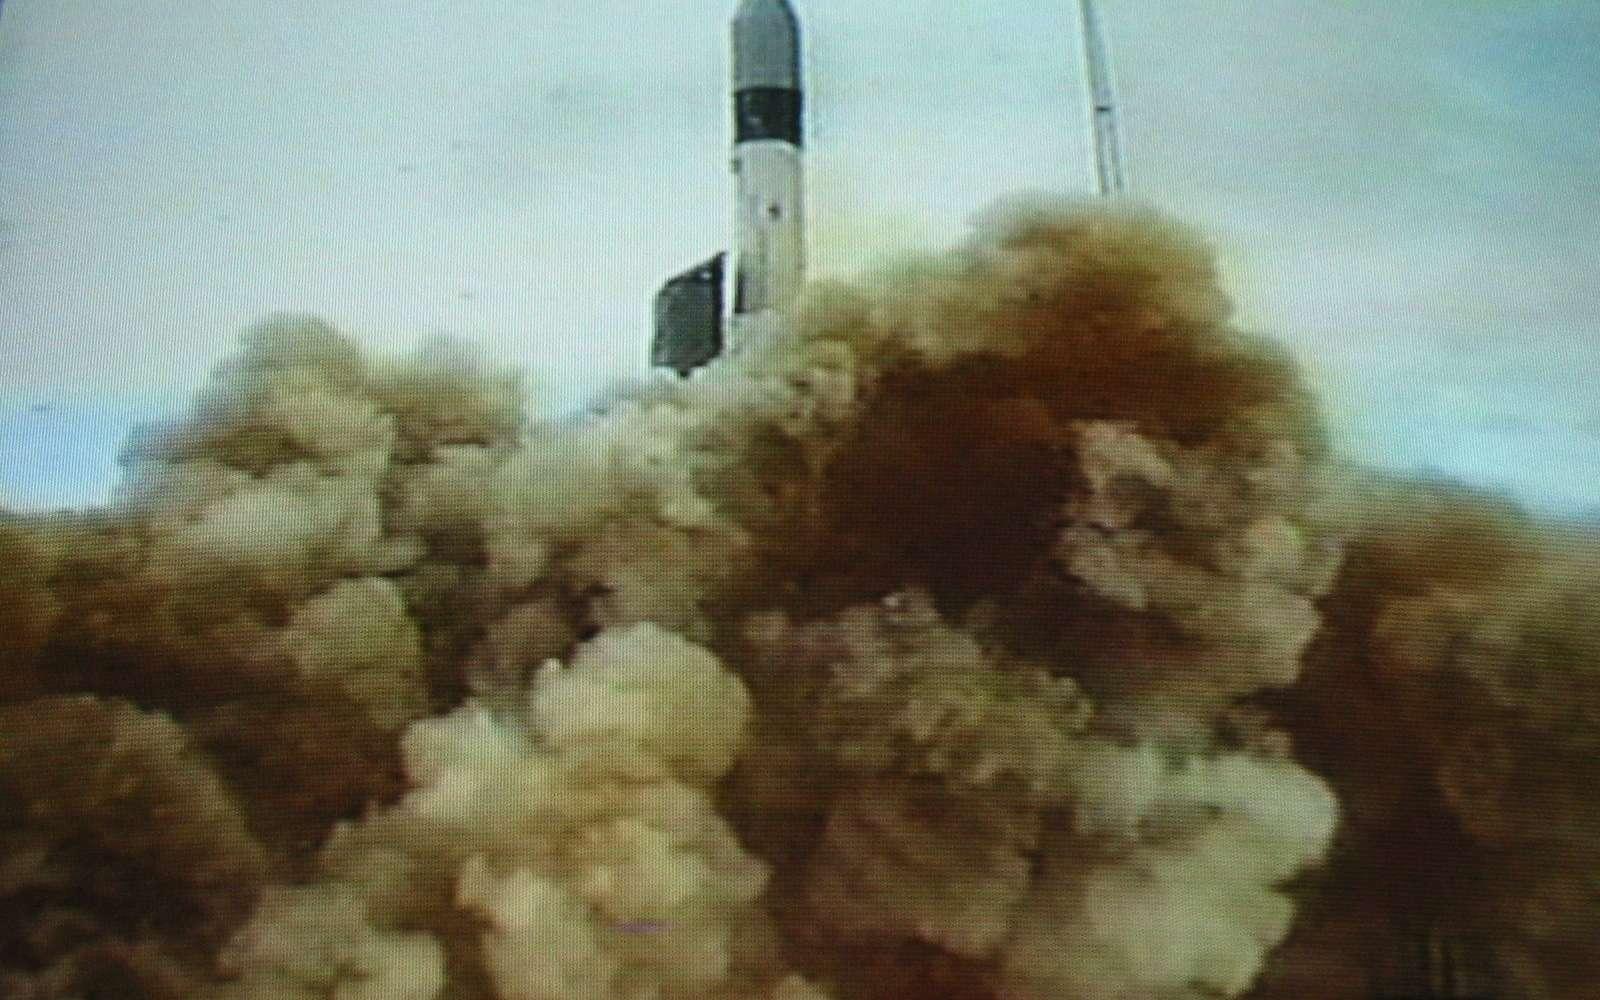 Le lancement du projet Grace s'est effectué en mars 2002, cela fait maintenant plus de 10 ans que le satellite récolte les données du champ gravitationnel de la Terre. © University of Texas Center for Space Research/Nasa